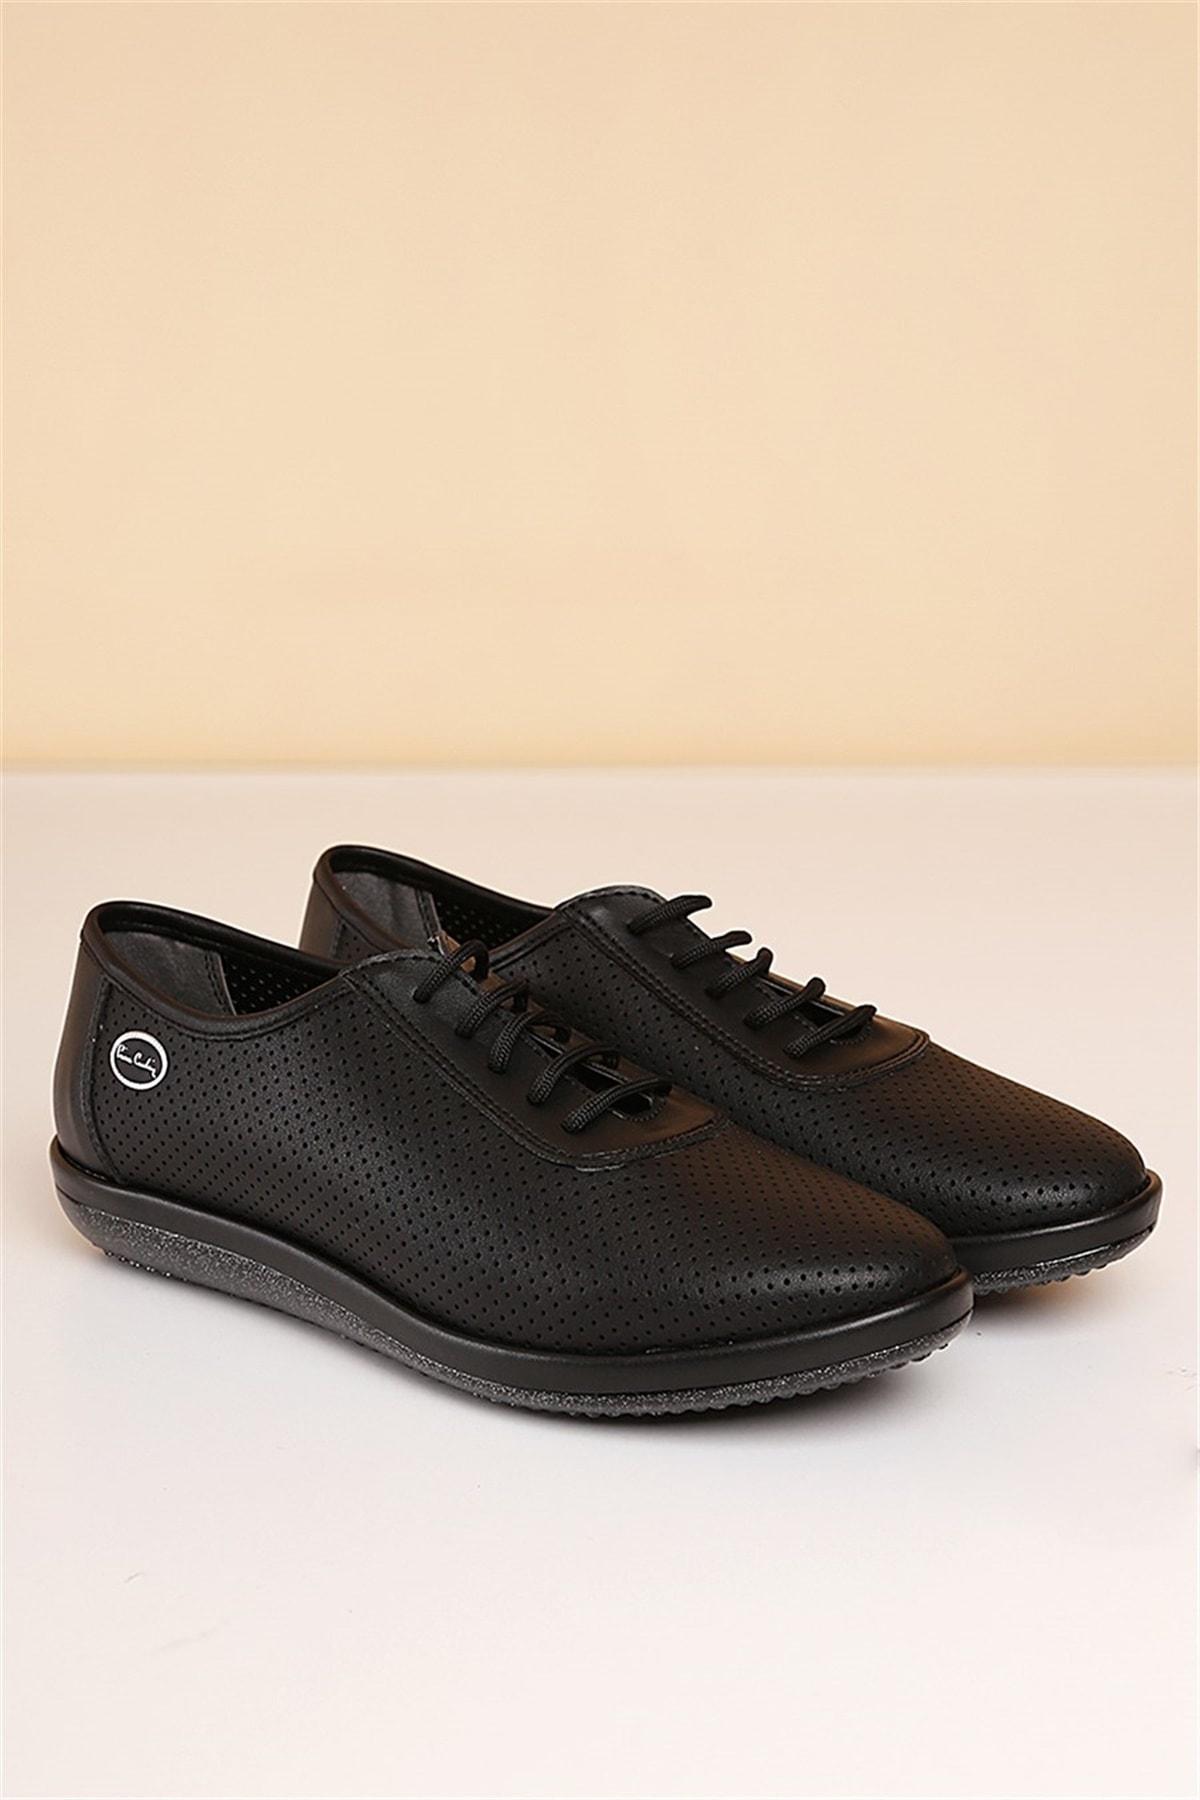 Pierre Cardin Kadın Günlük Ayakkabı -siyah